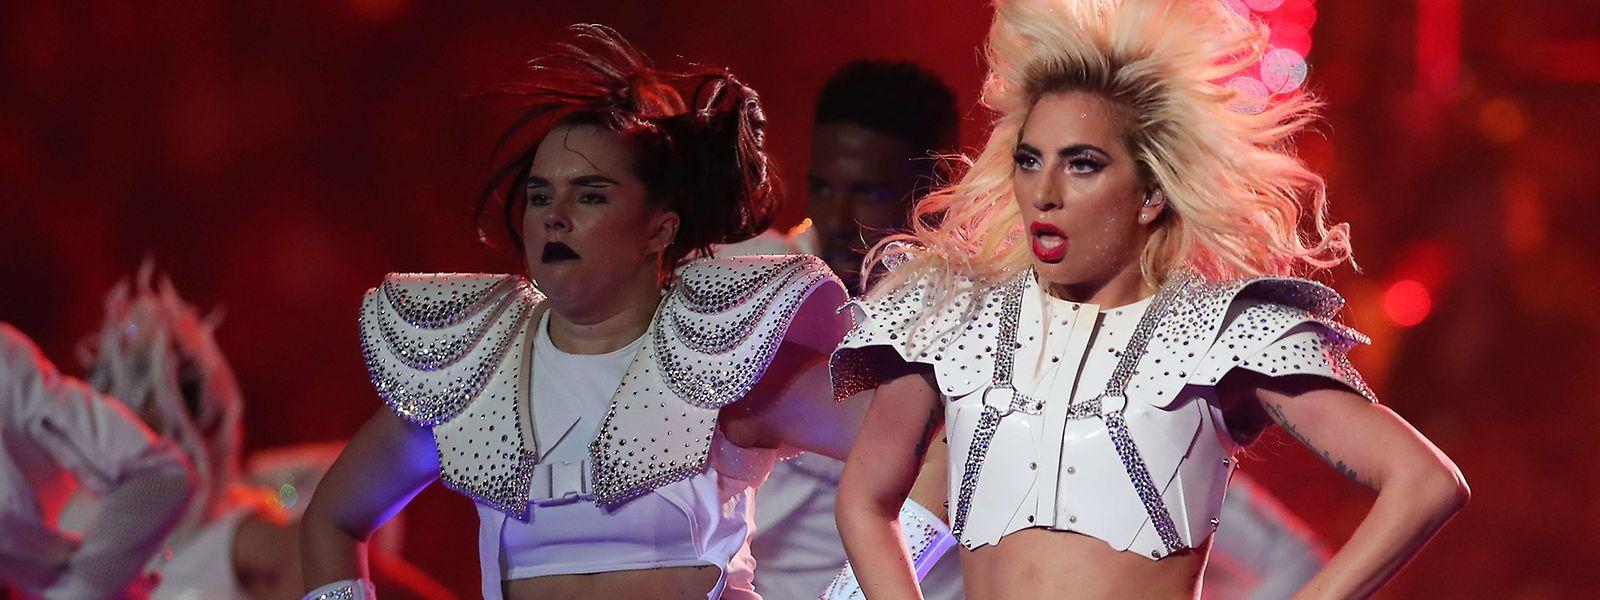 Erst silberfarben, dann gold, dann bauchfrei - Lady Gaga zog sich in zehn Minuten zweimal um.